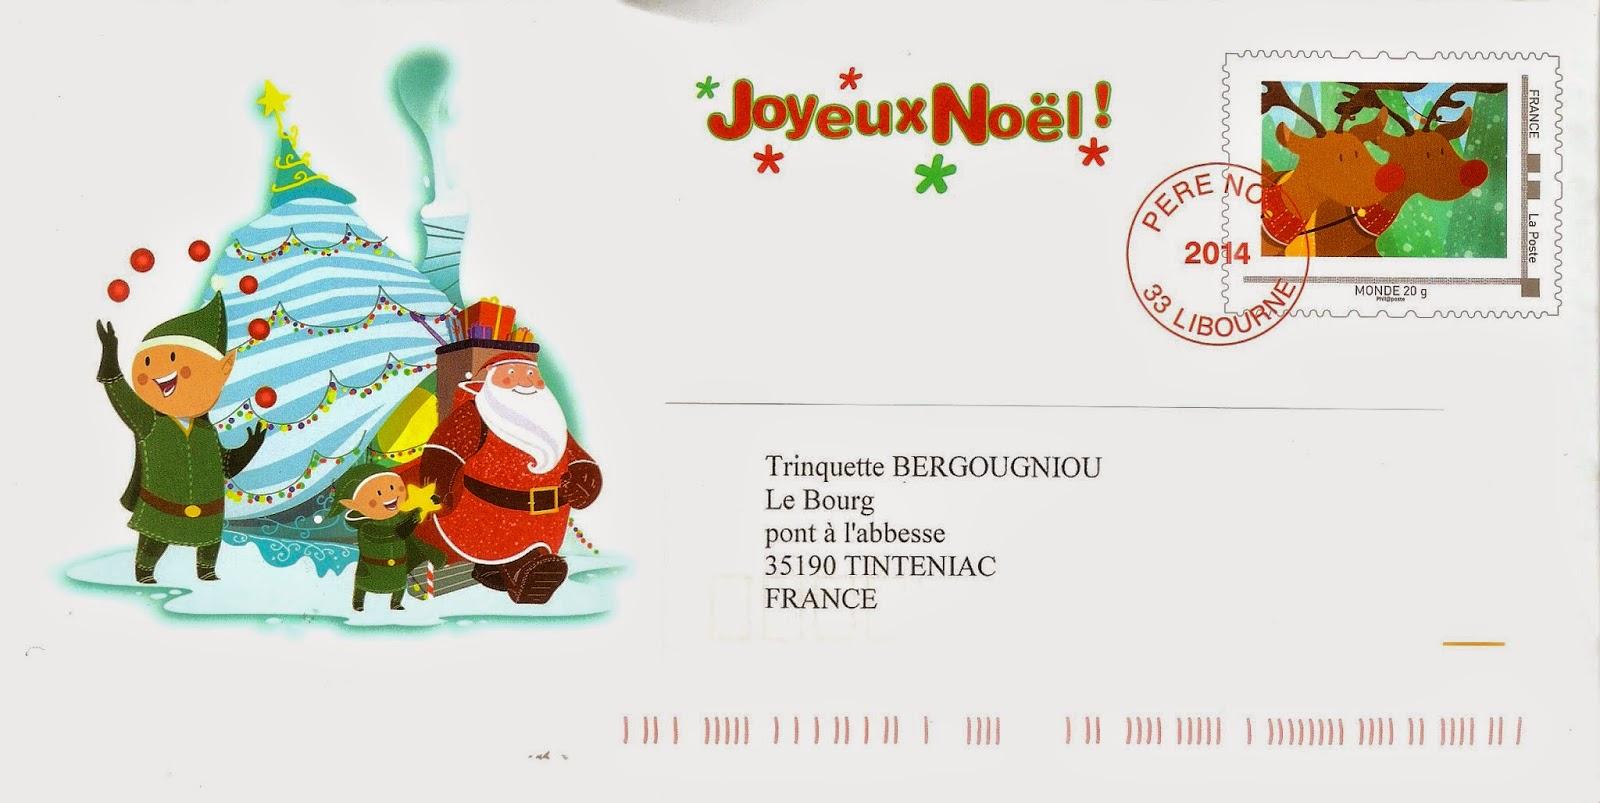 La Marcophilie Navale: La Lettre Du Père Noël 2014 à Enveloppe Pere Noel